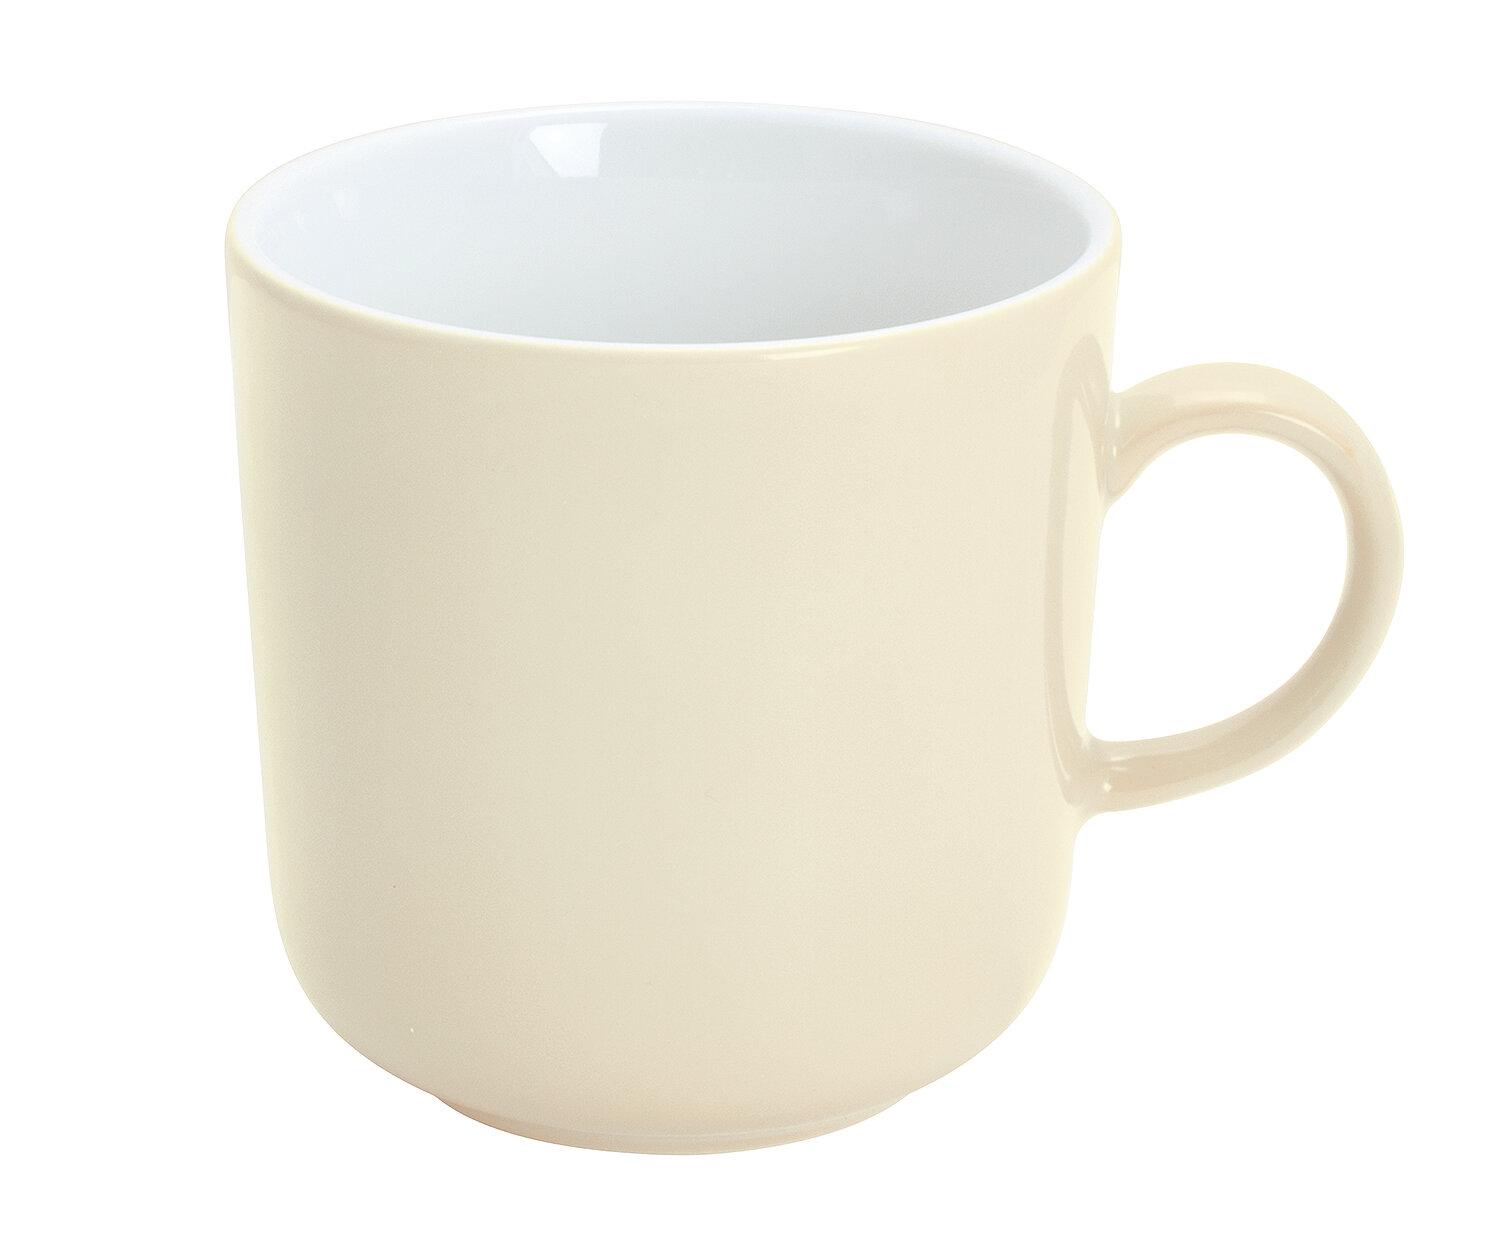 Kahla Pronto Colore Cappuccinotasse Kaffee Tasse Becher Porzellan Petrol 250 ml